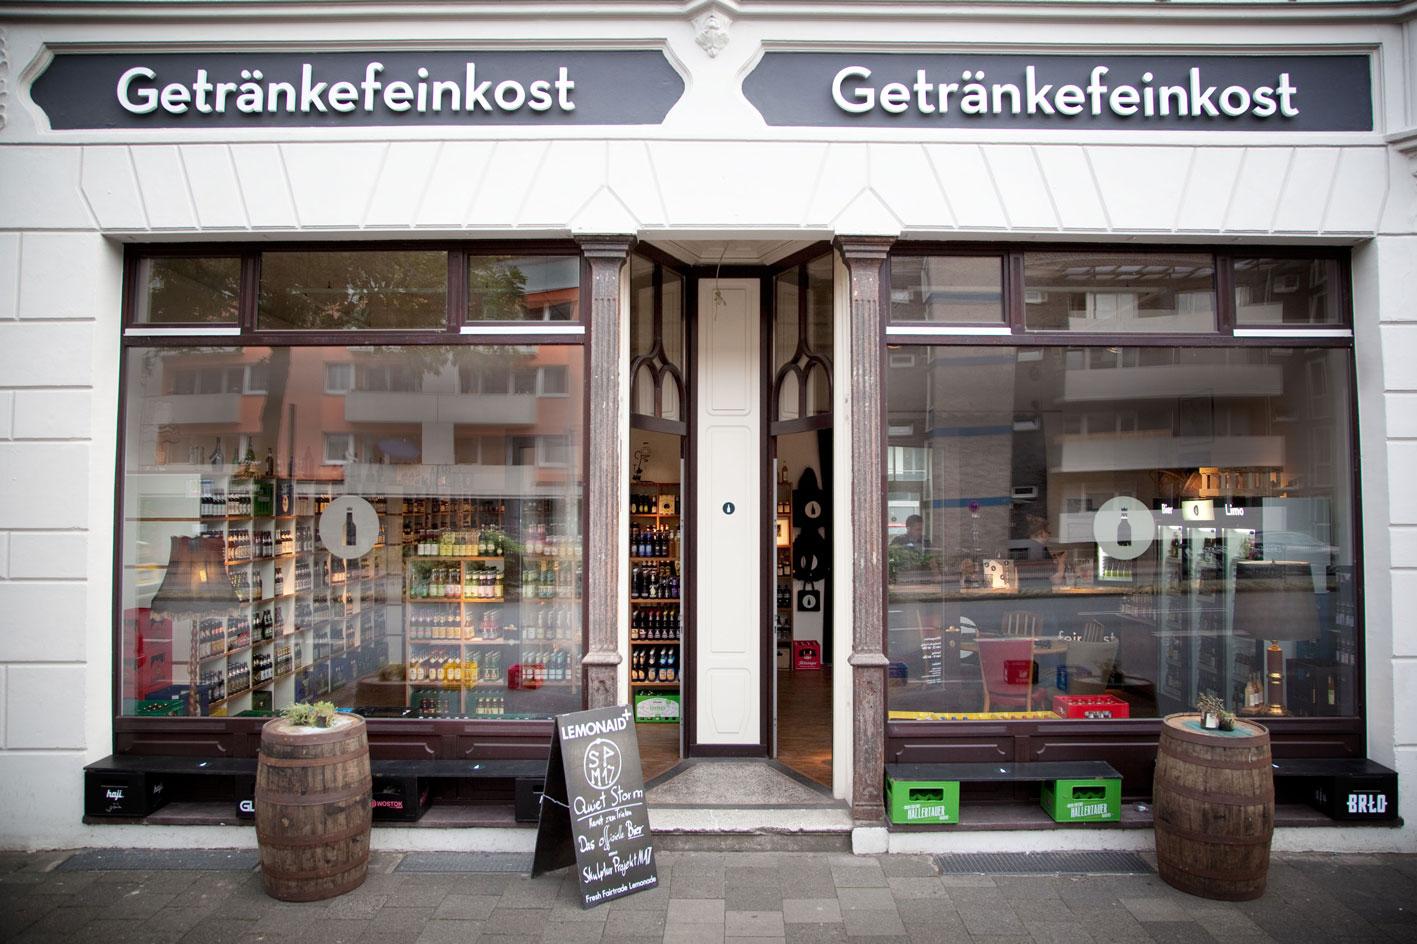 Getränkefeinkost Münster